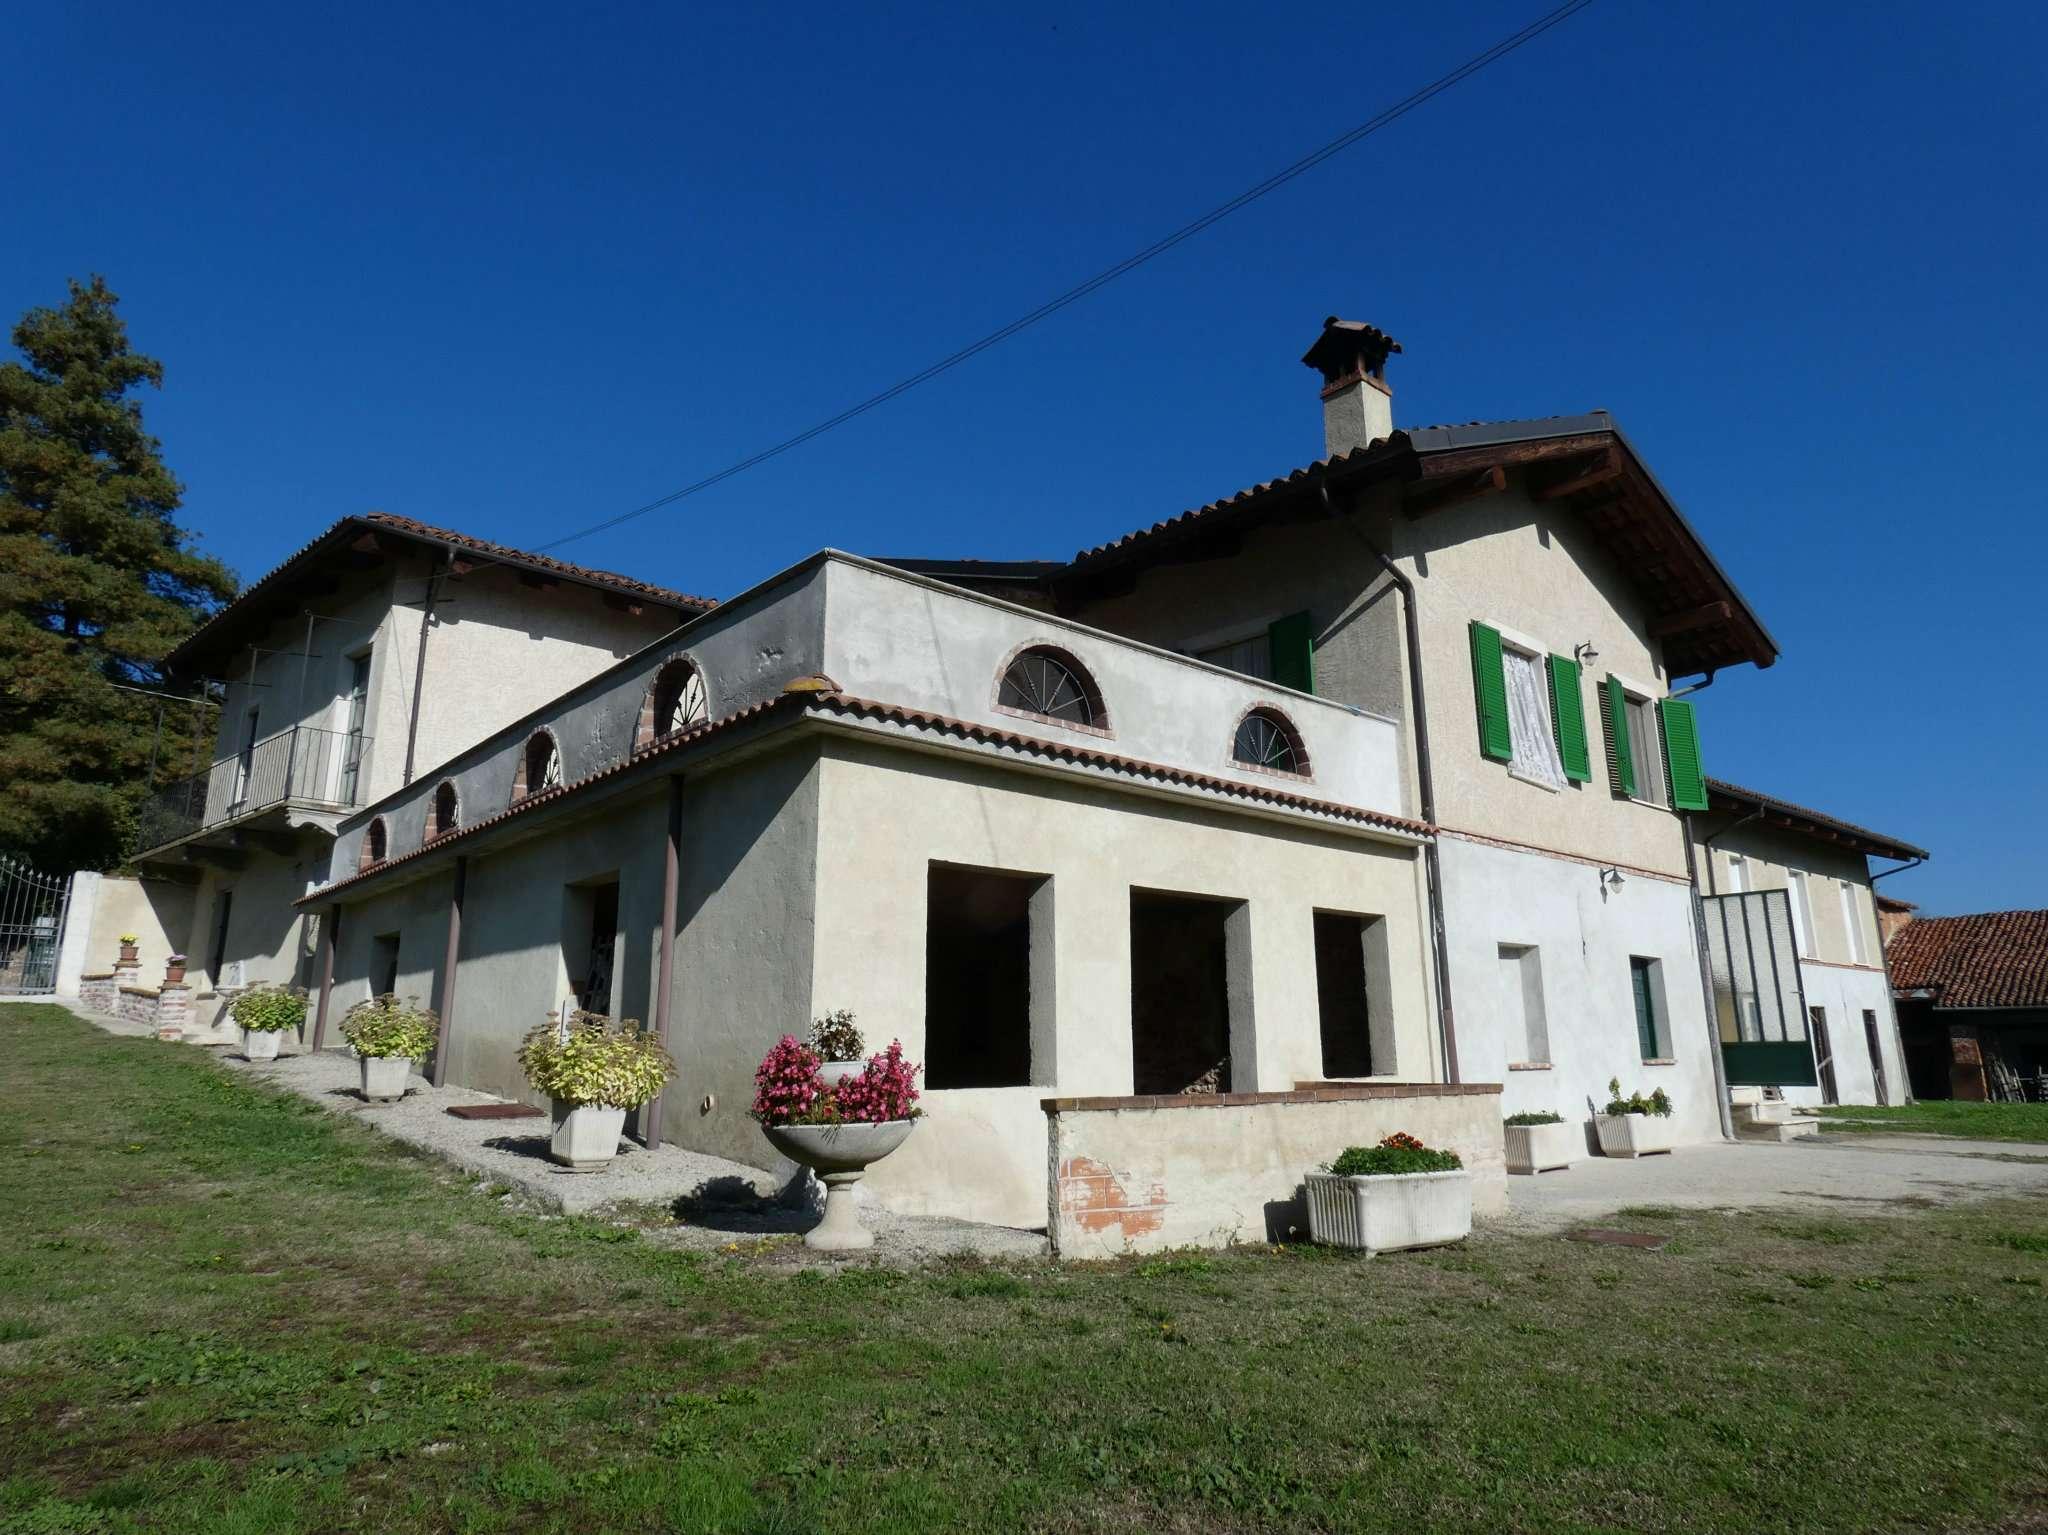 Foto 1 di Casa indipendente Bene Vagienna